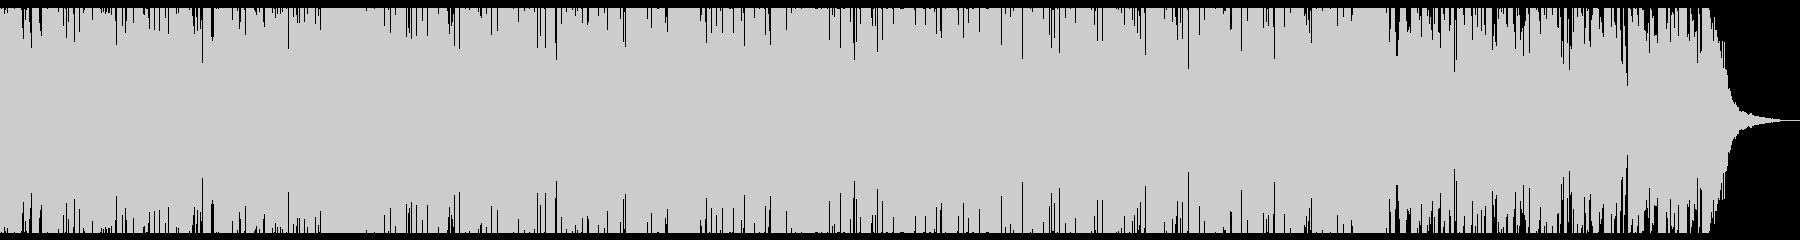 グリッチが効いたエレクトロニカの未再生の波形